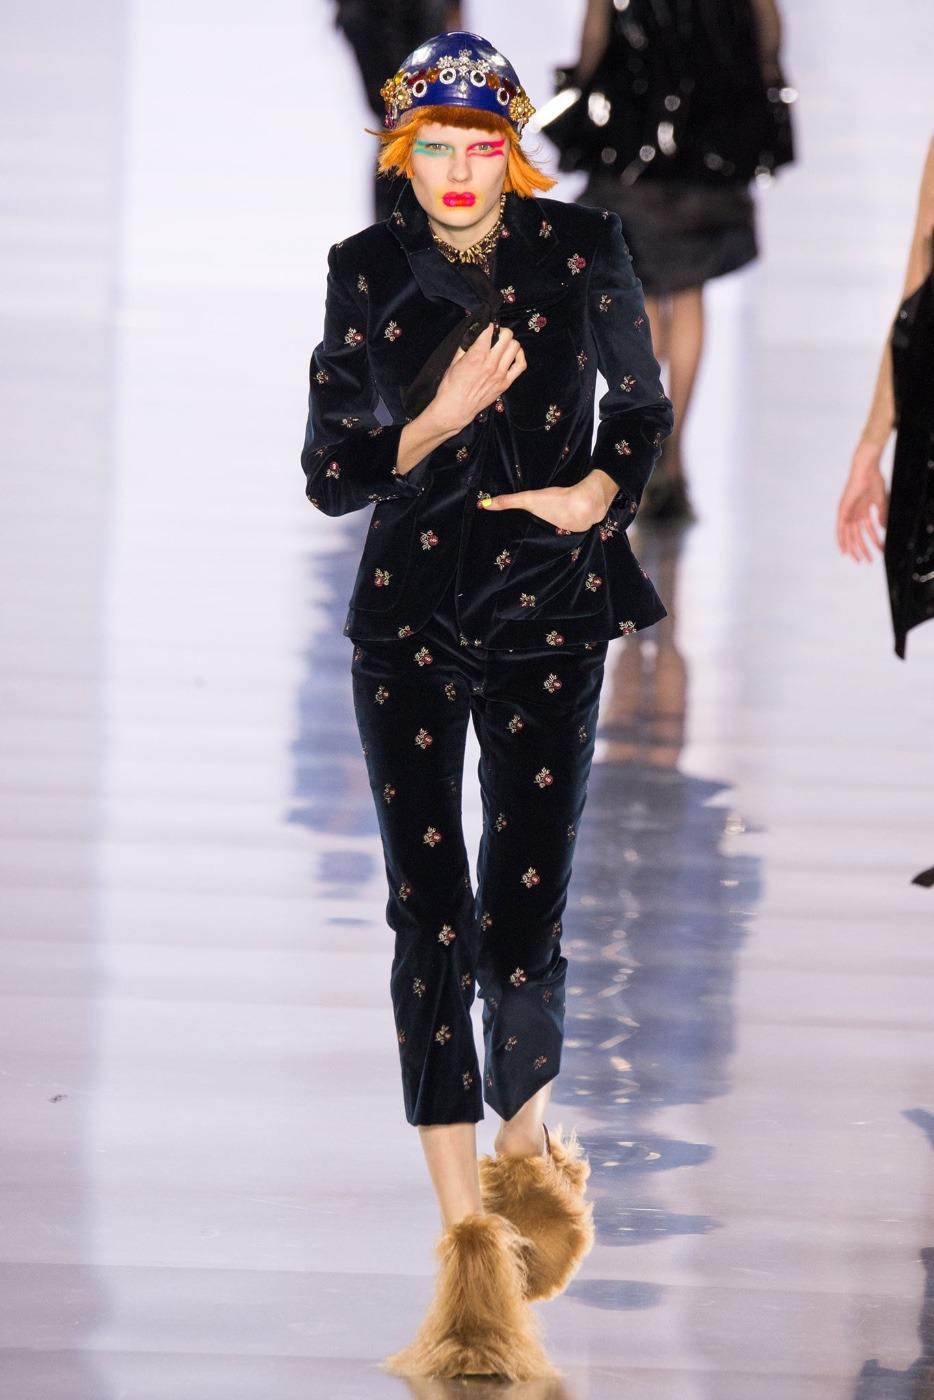 Paris fashion week live